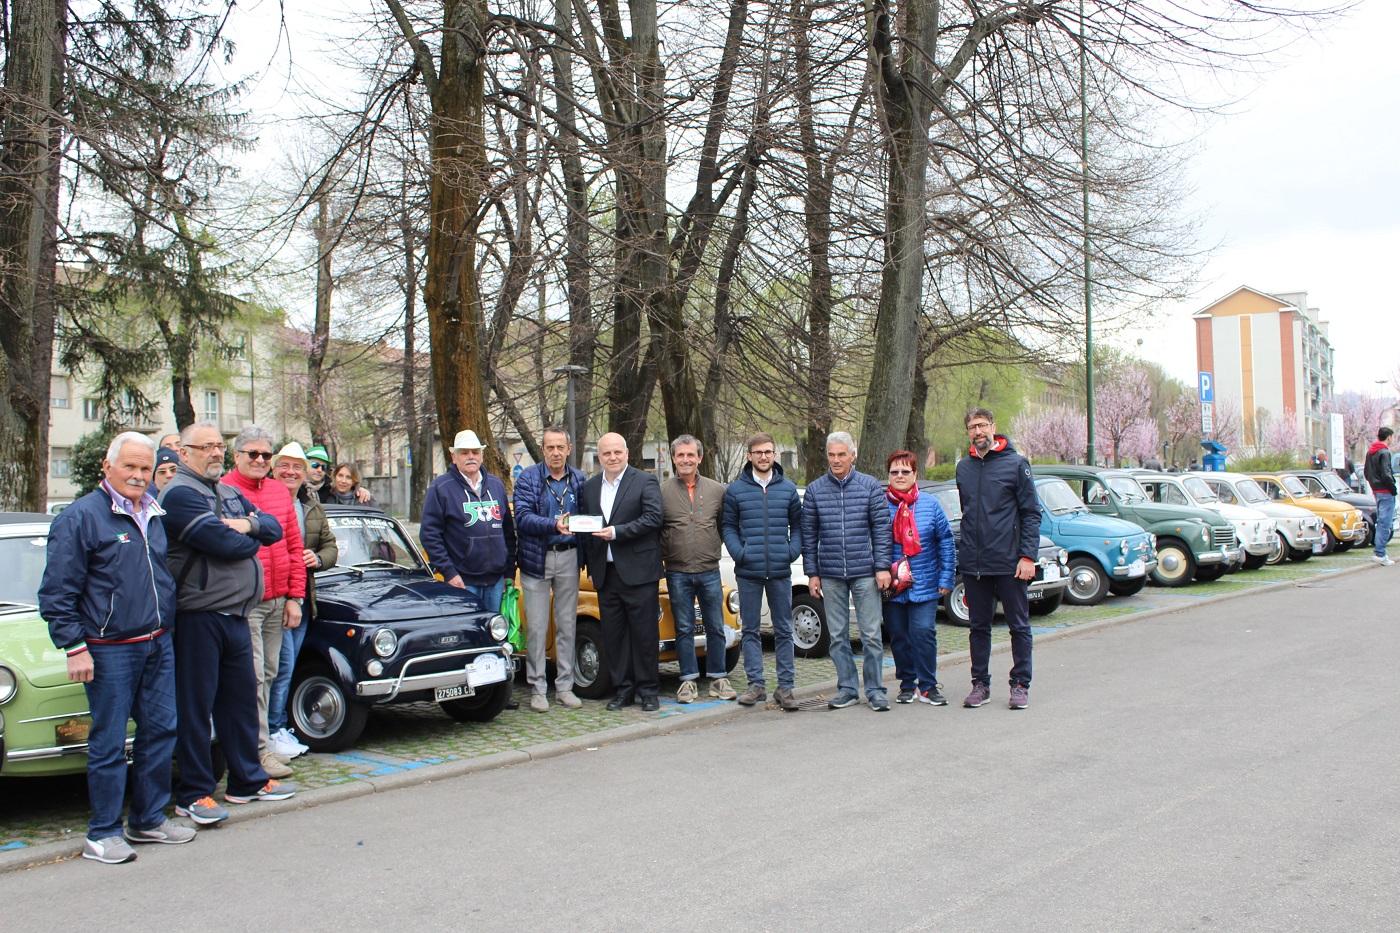 Calendario Raduni Fiat 500 2020.Alba Record Di Storiche Fiat 500 In Citta Per 62 Anni 500